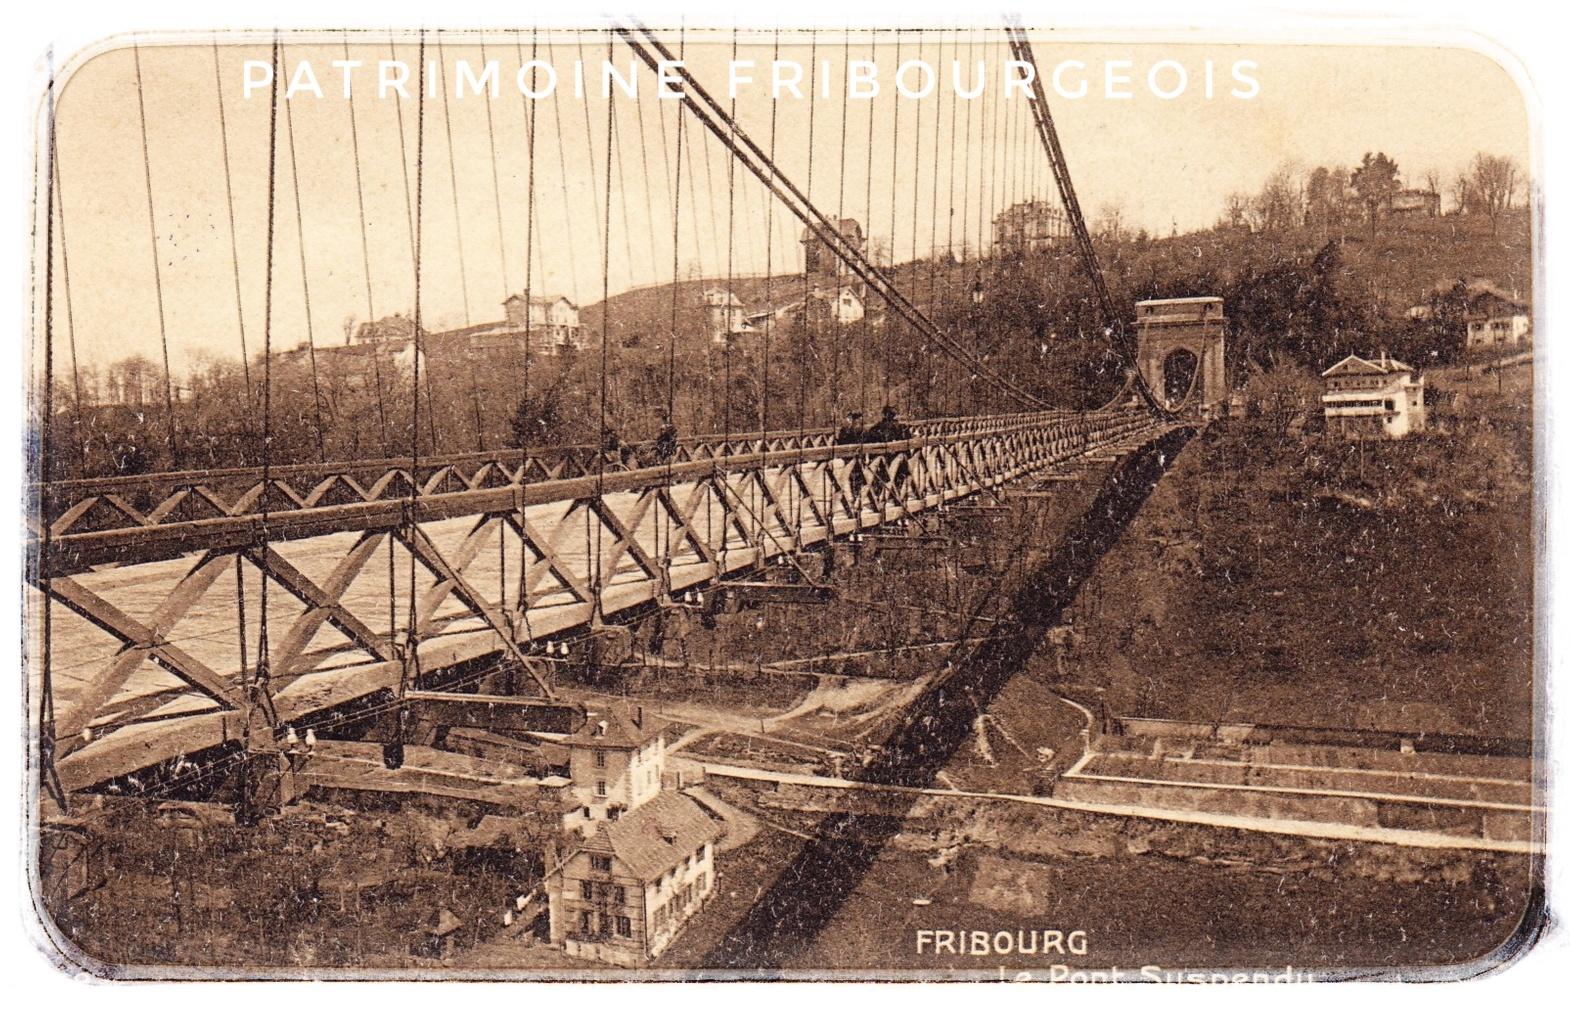 Fribourg - Le pont suspendu